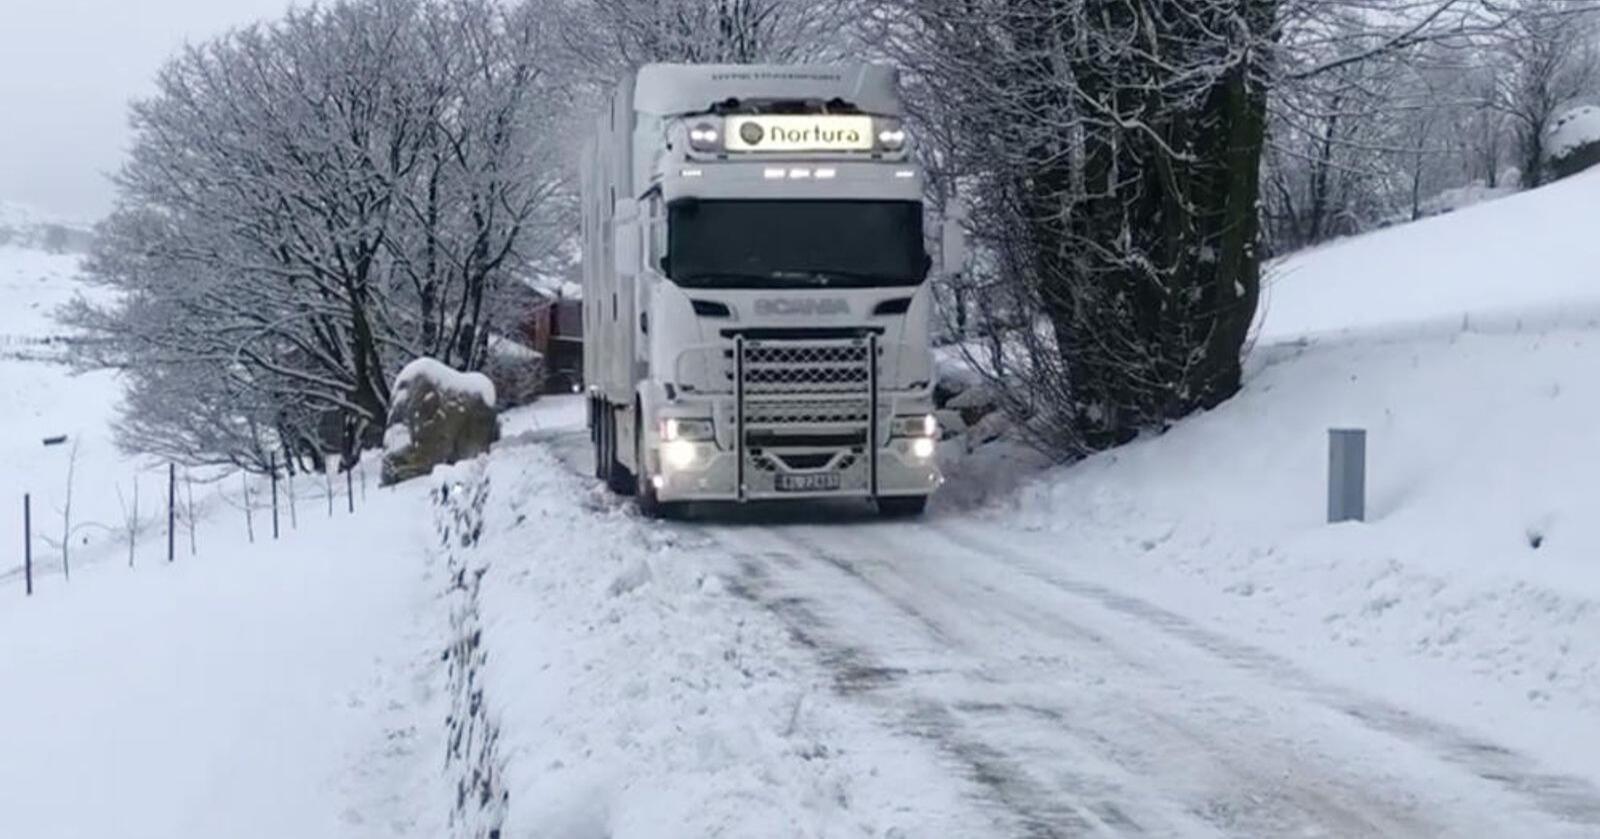 KJELKETE: Store og lange dyrebiler trenger enda bedre tilrettelegging vinterstid. Foto: Nortura